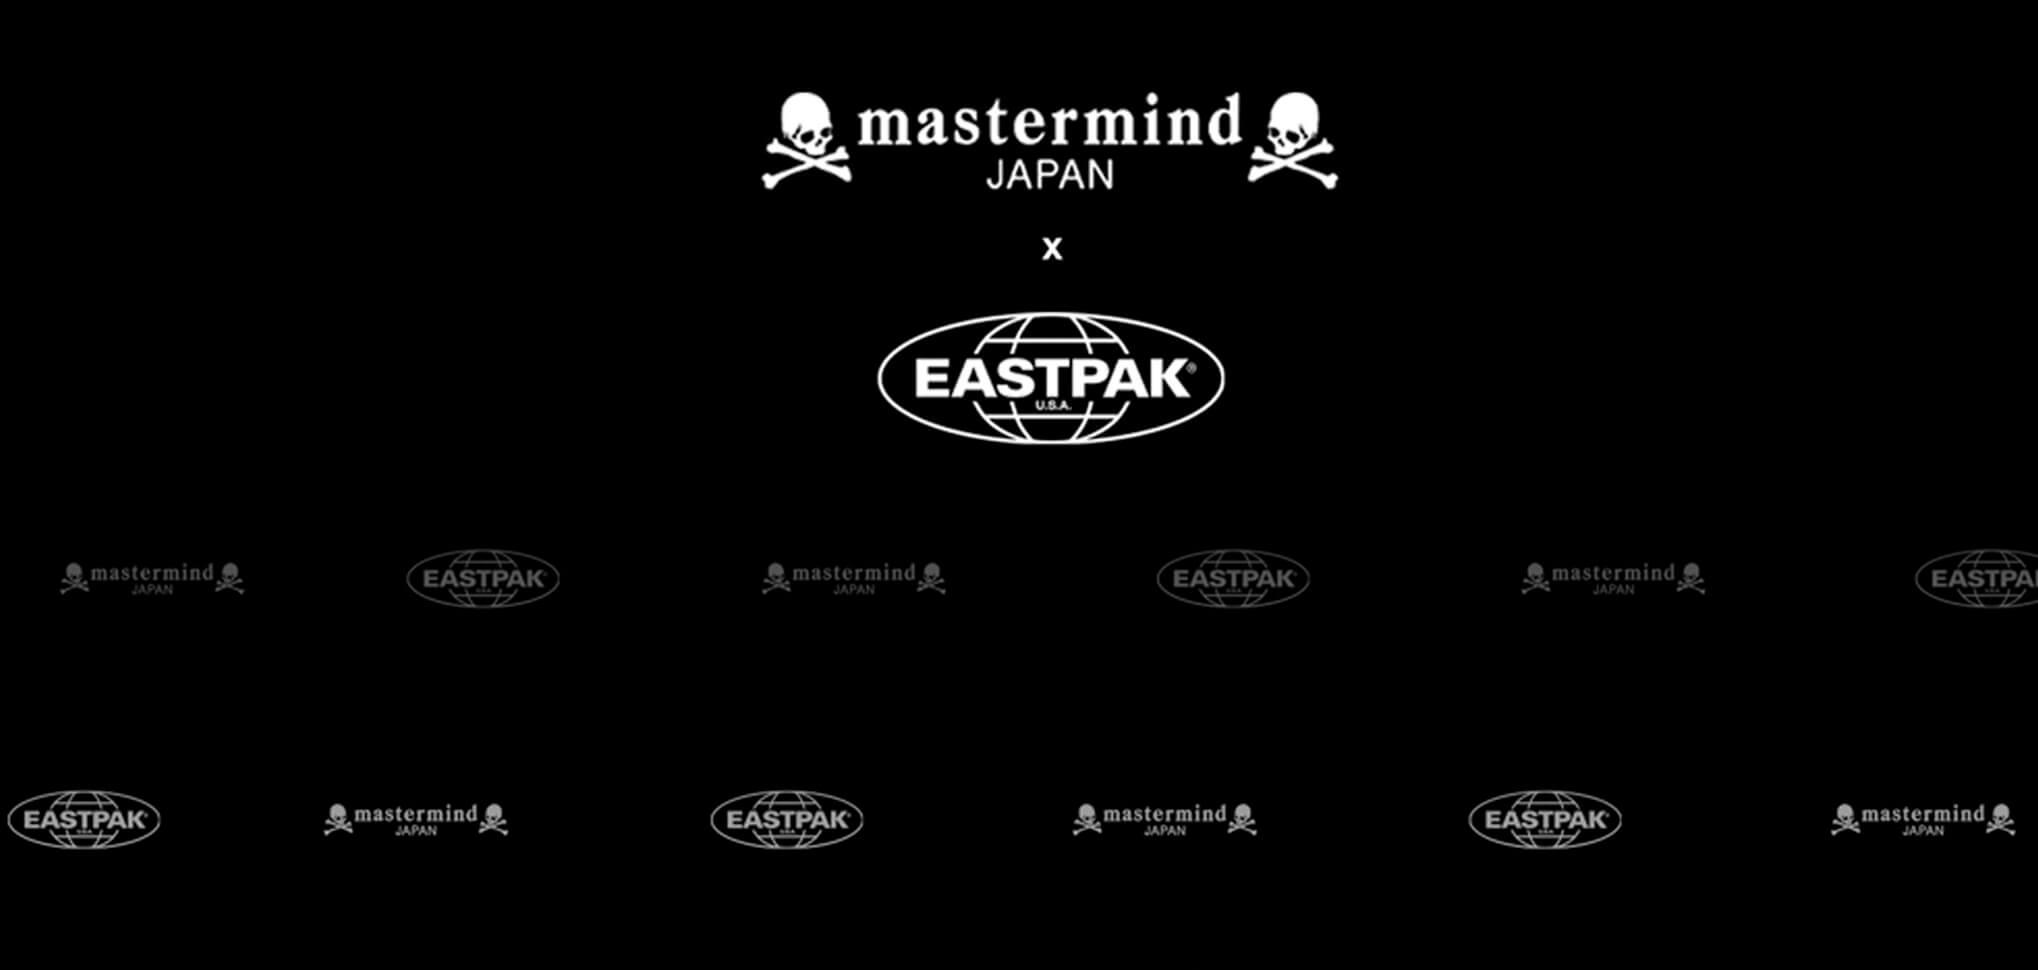 EASTPAK MASTERMIND BANNER